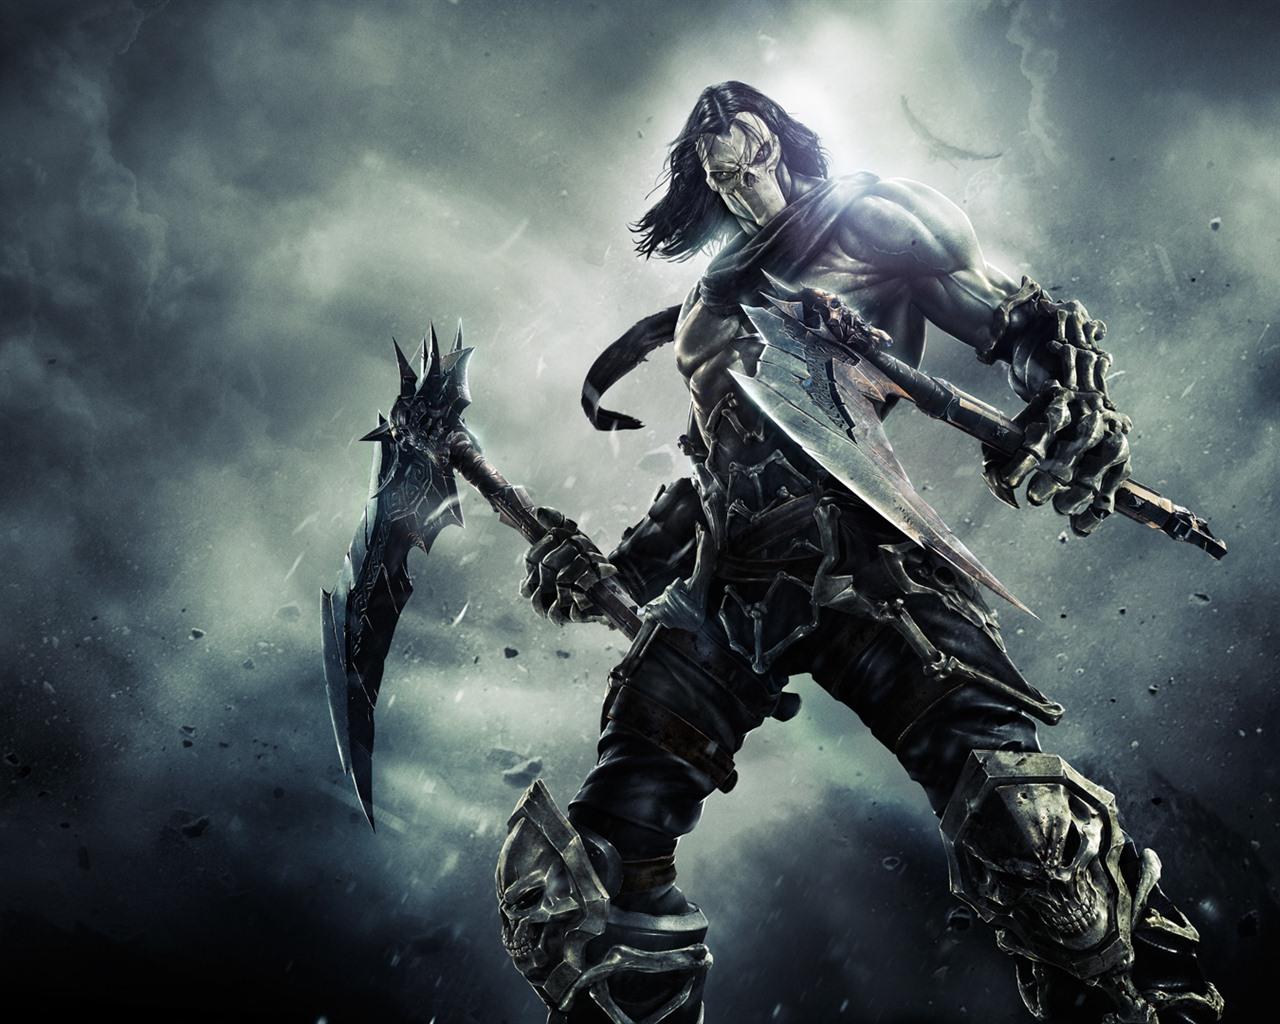 Darksiders II Game HD Wallpapers 16